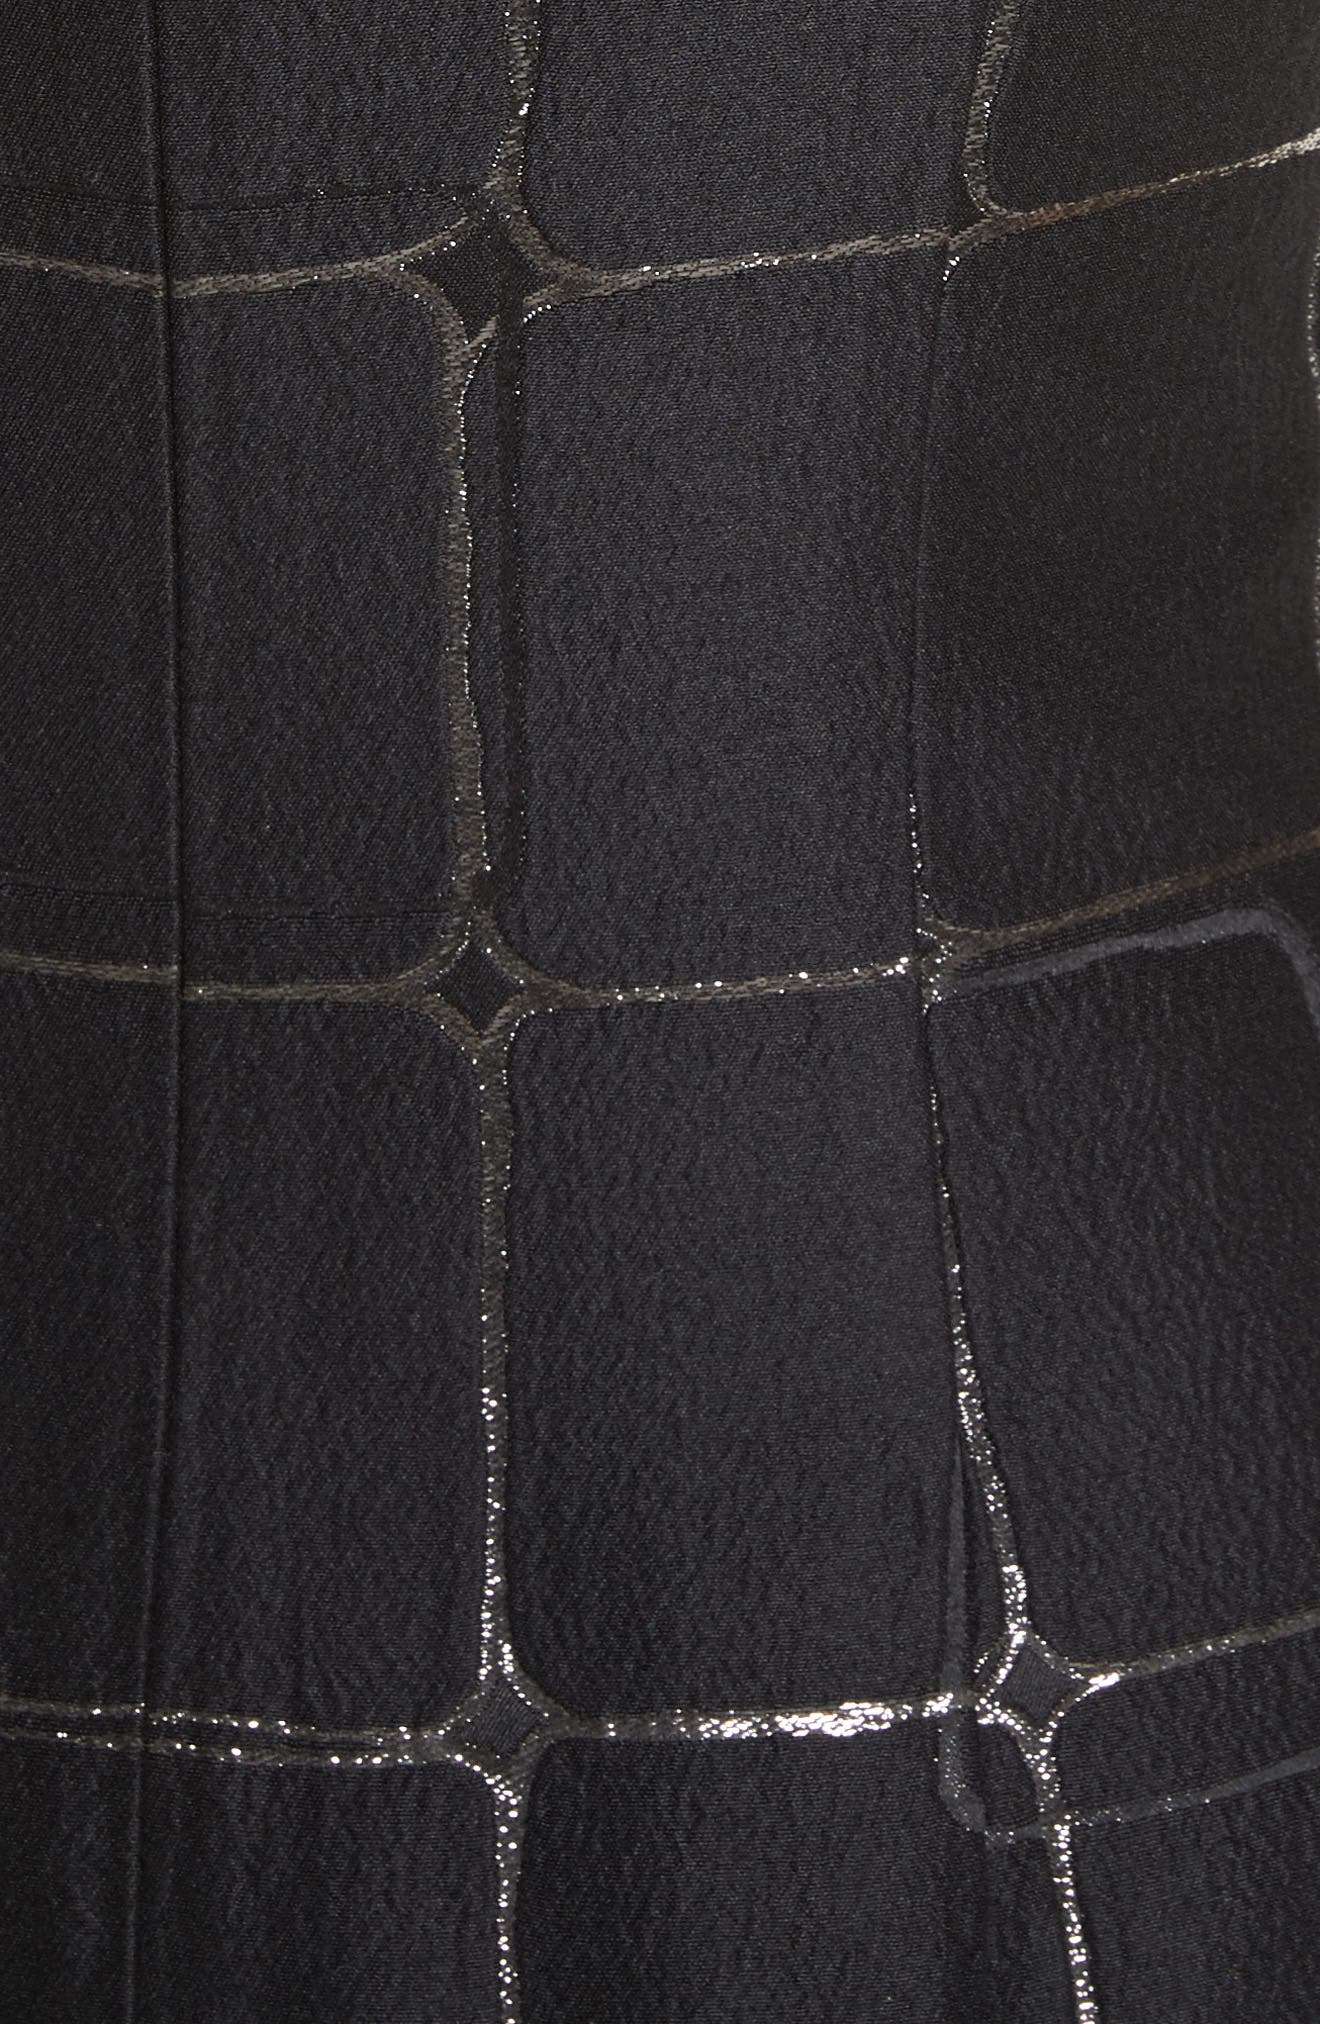 Metallic Jacquard Sheath Dress,                             Alternate thumbnail 5, color,                             001